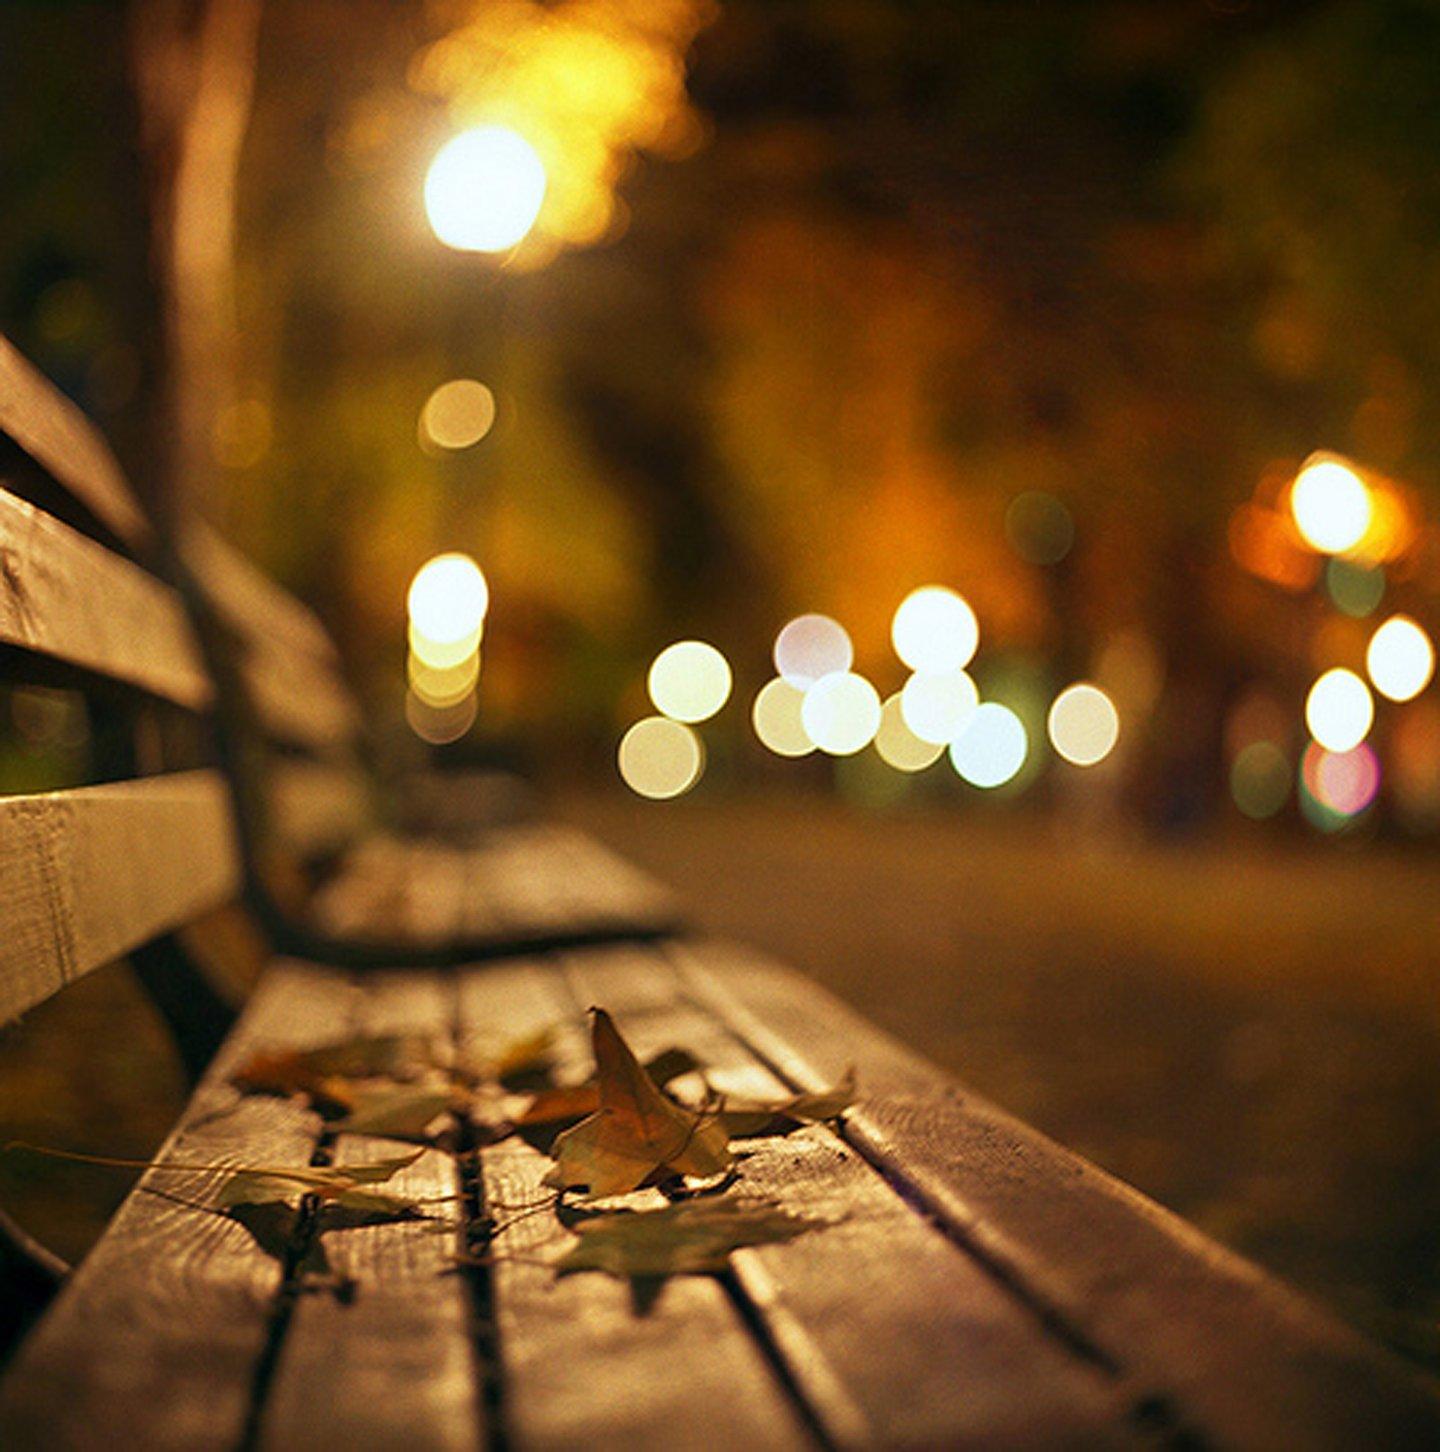 Beautiful Night Street Light Wallpaper   1440x1452   821489   WallpaperUP